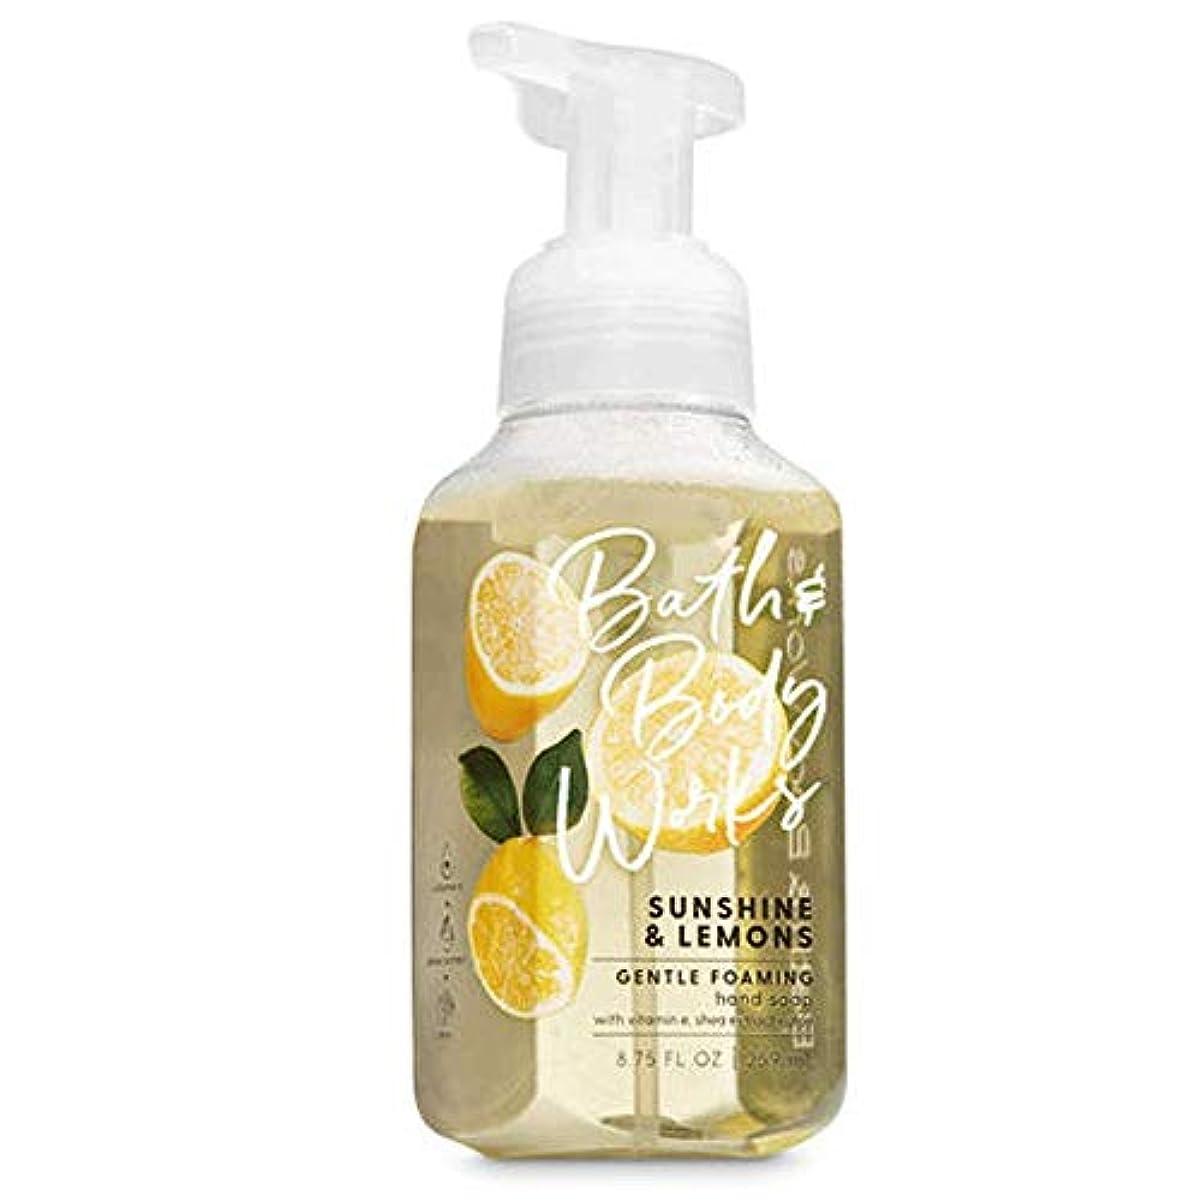 拮抗する名声付き添い人バス&ボディワークス サンシャインレモン ジェントル フォーミング ハンドソープ Sunshine & Lemons Gentle Foaming Hand Soap